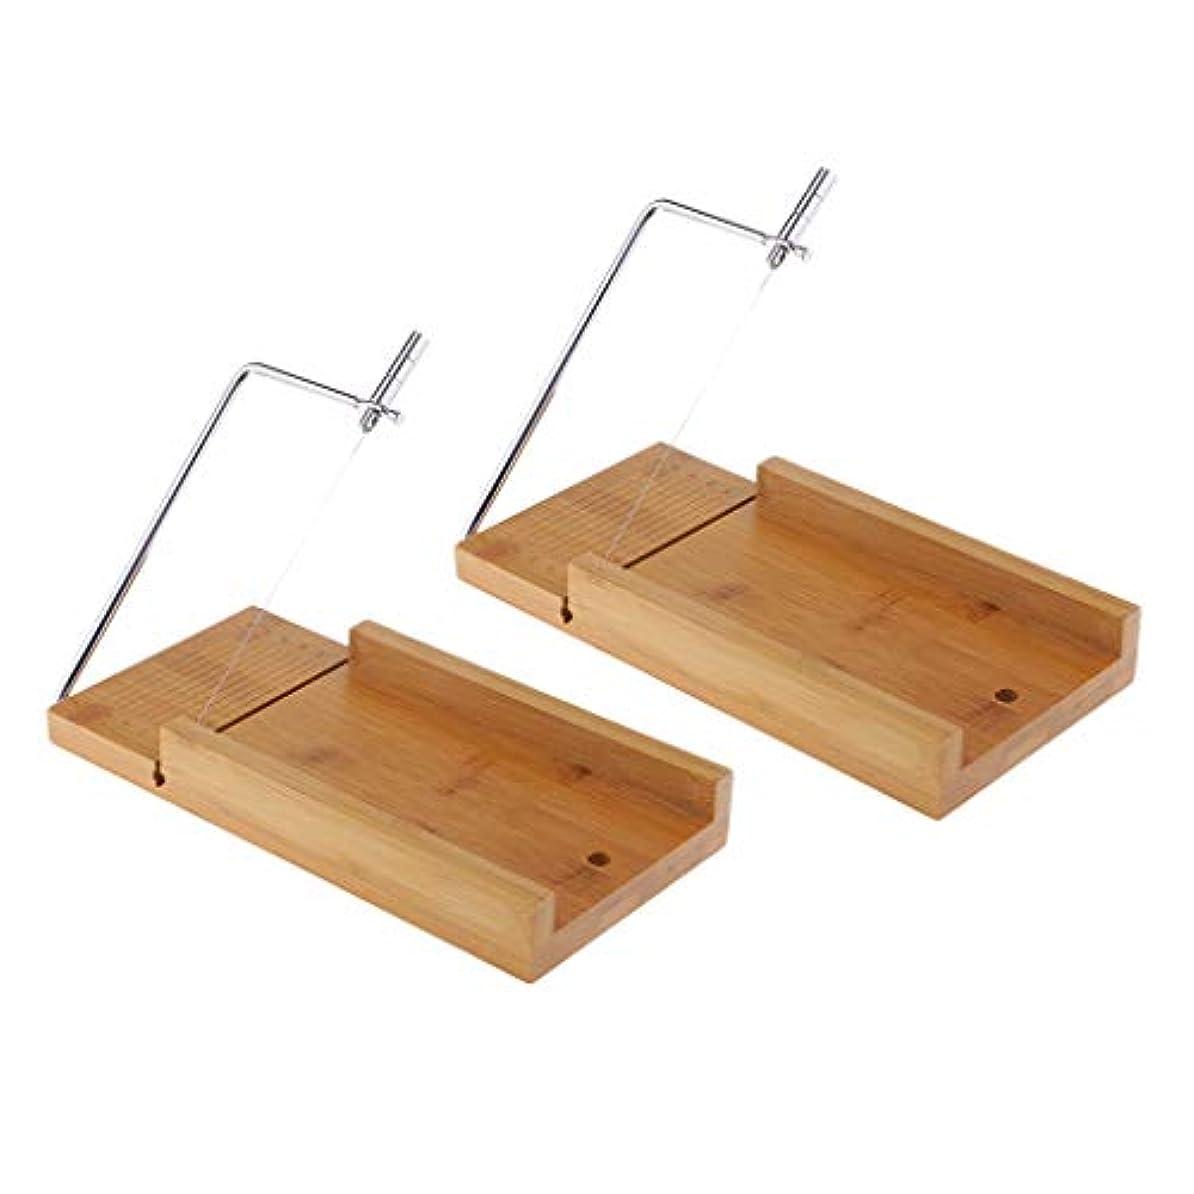 肩をすくめる努力ソロソープカッター チーズナイフ ワイヤー せっけんカッター 台 木質 石鹸切削工具 2個入り